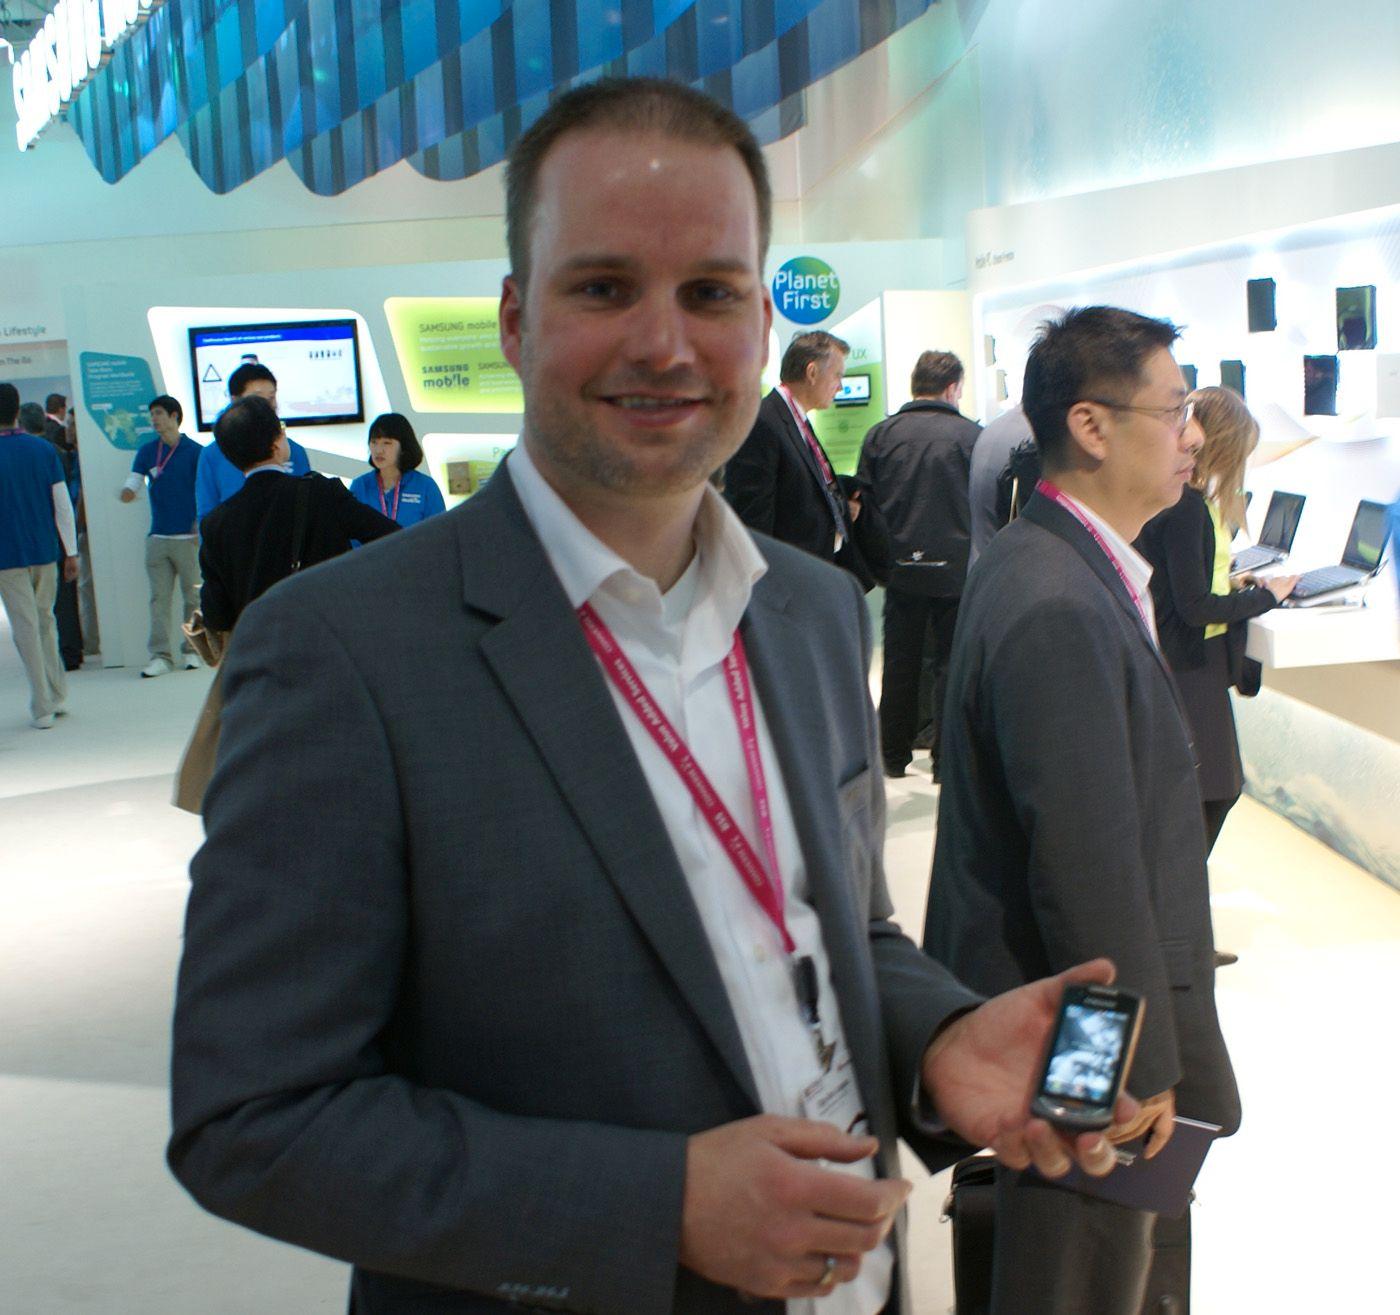 Stig-Ove Langö er storkundeansvarlig for Samsung i Norge. For anledningen avbildet med en annen rykende fersk modell, Samsung Monte.